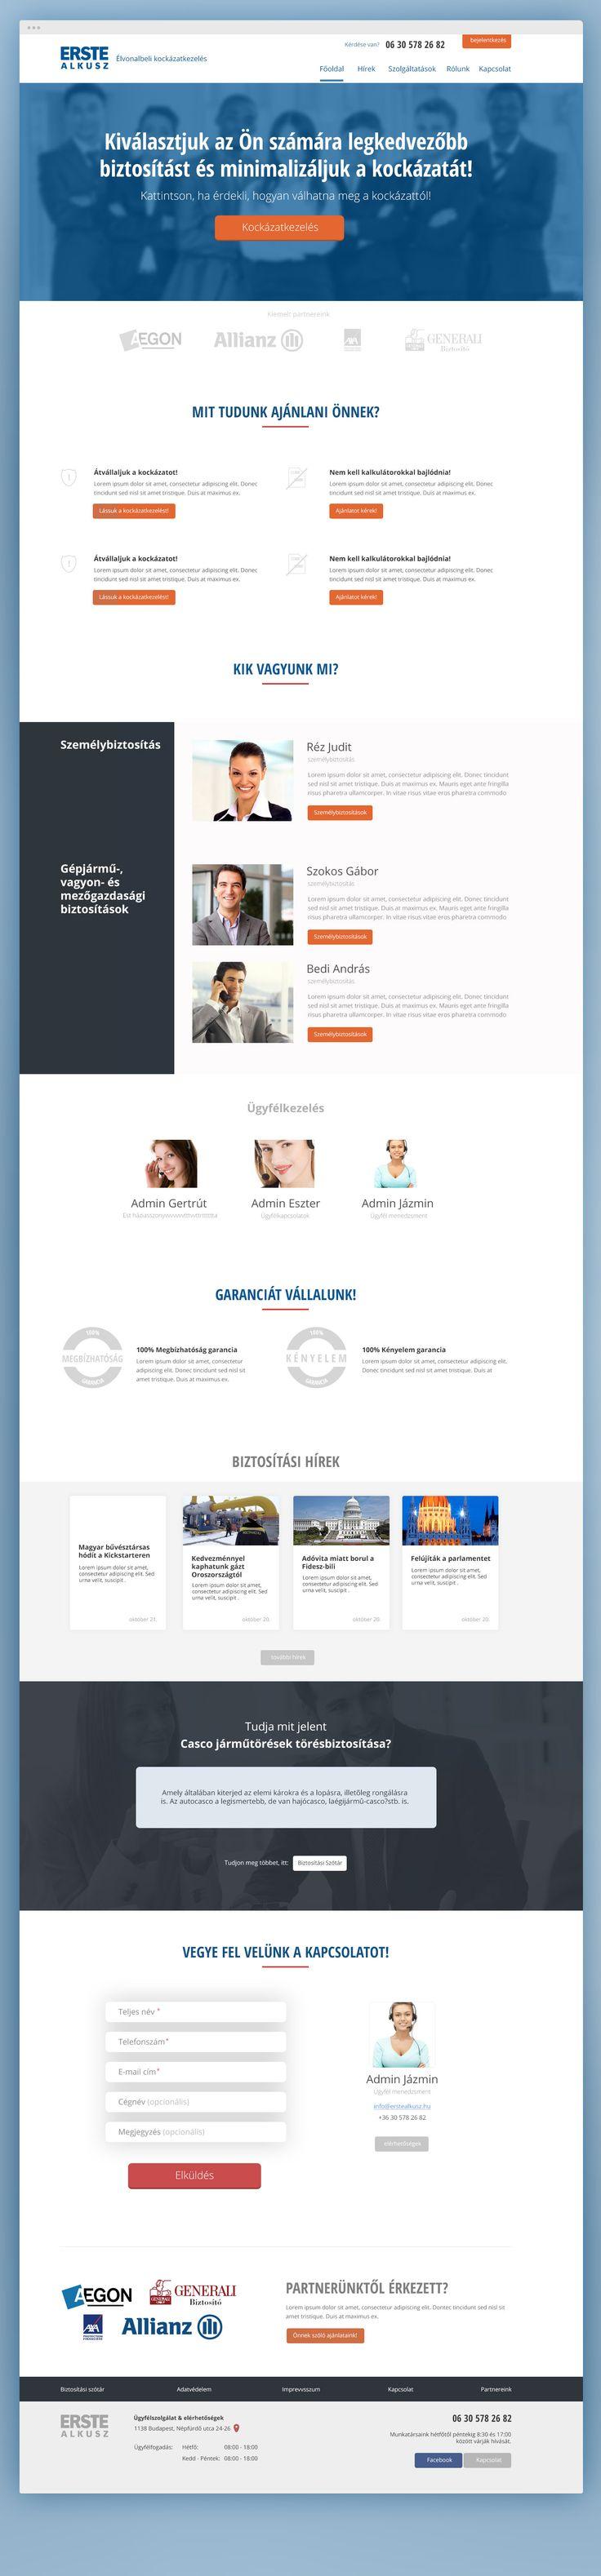 Erste Alkusz homepage design